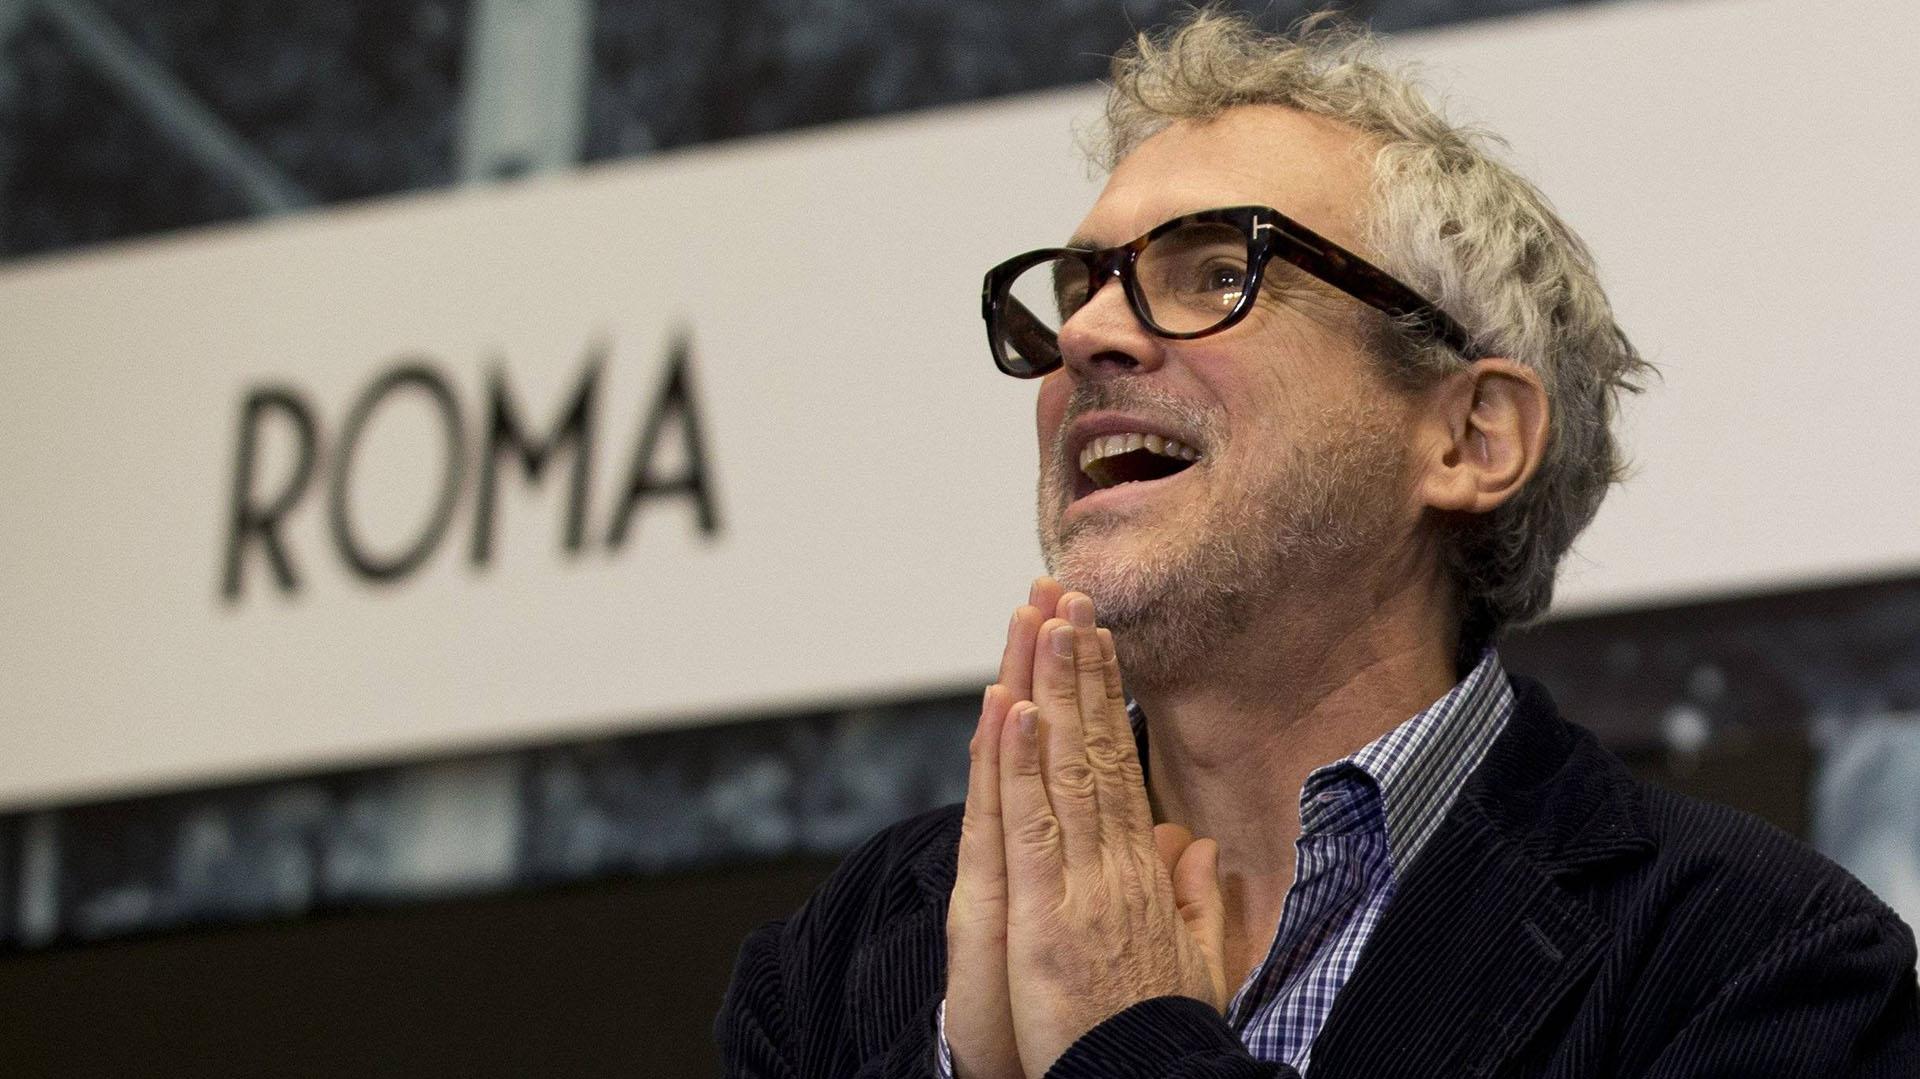 """""""Roma"""" se estrenará mañana en 50 salas independientes de México (Foto: AP)"""